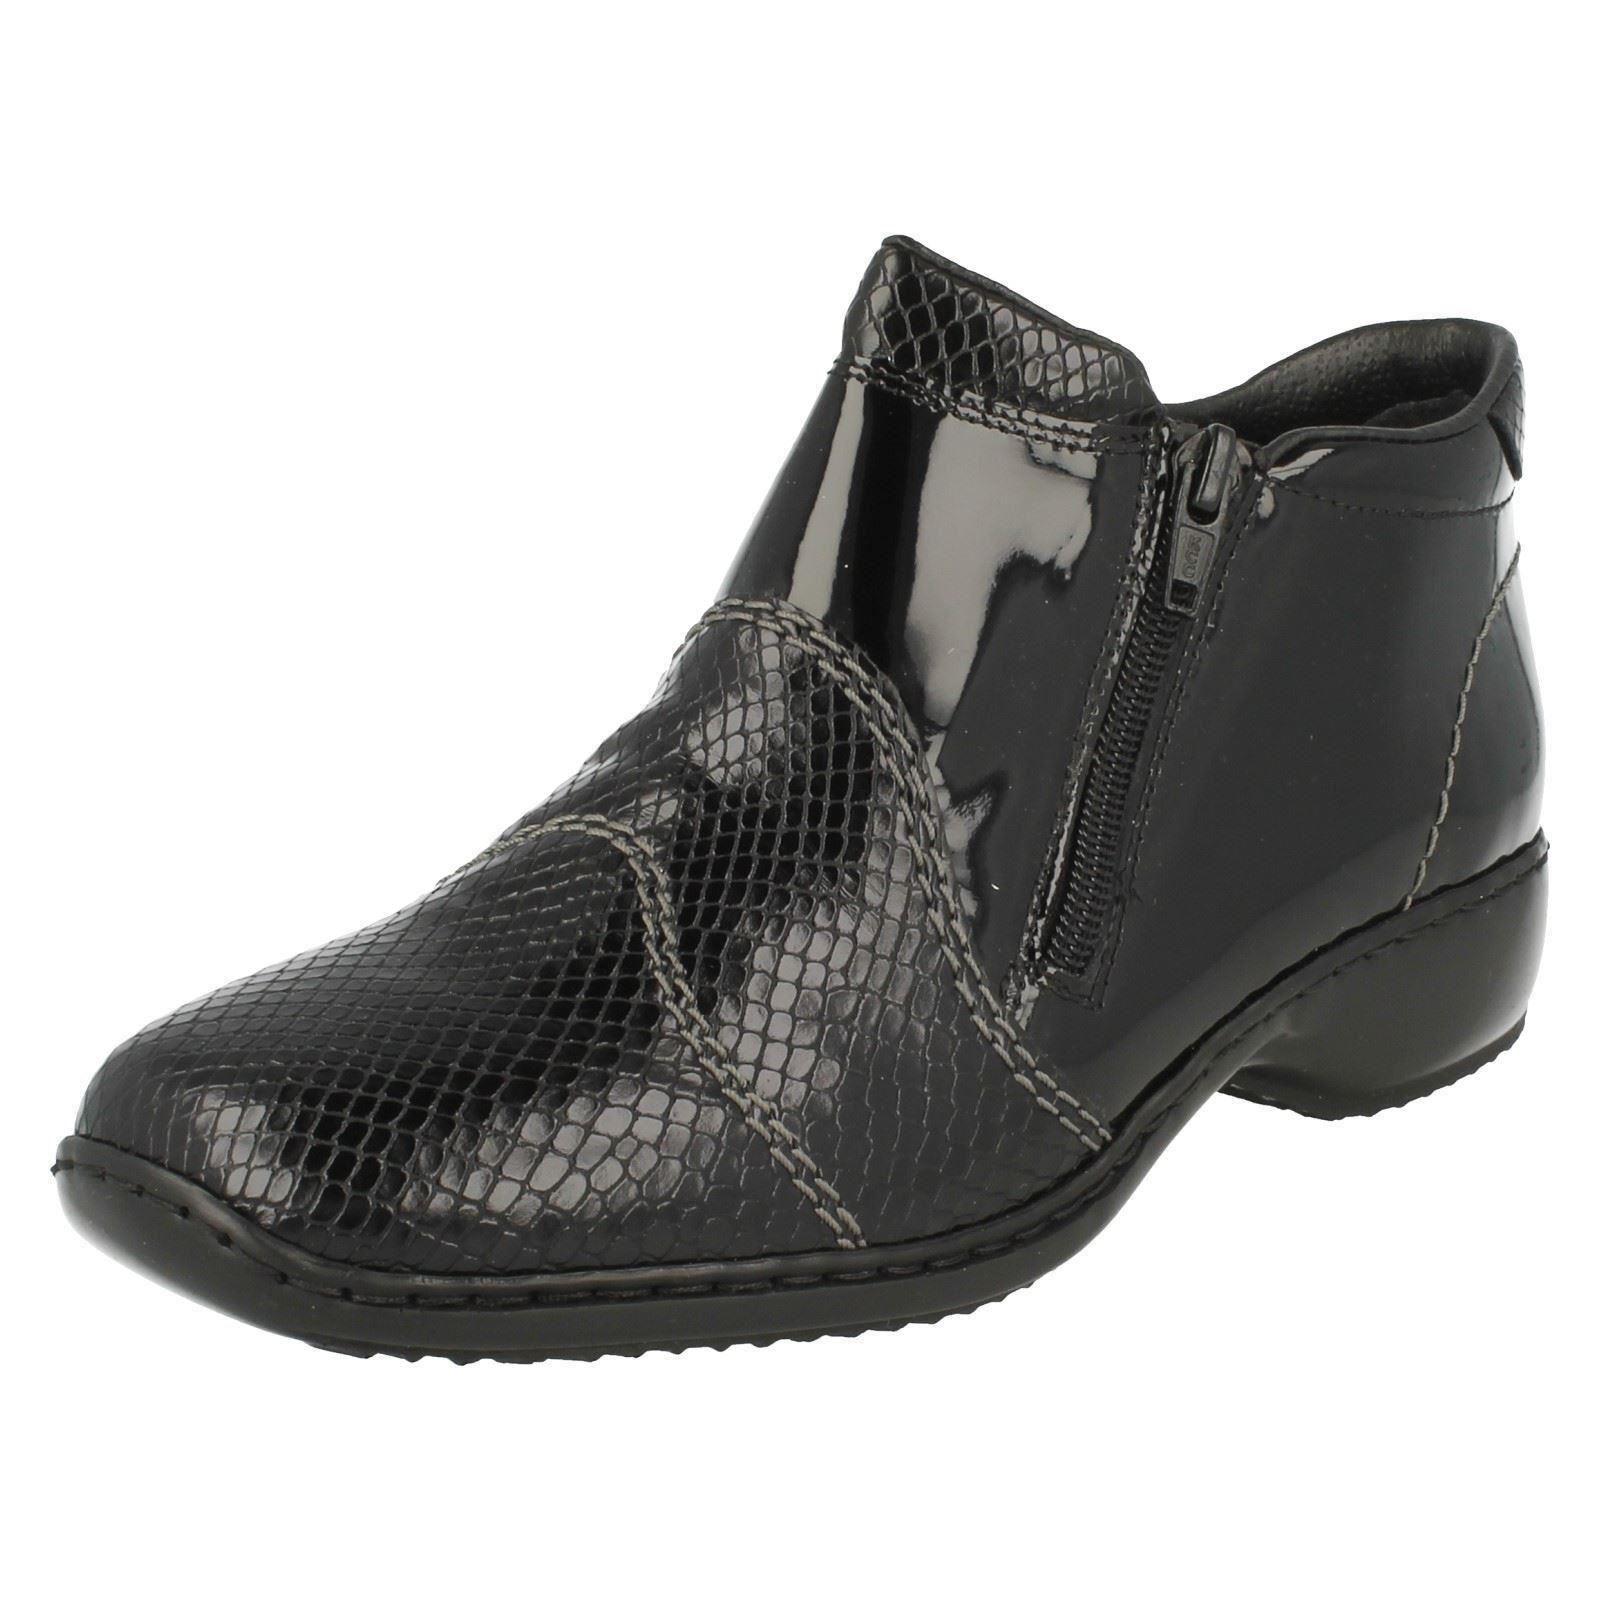 Man's/Woman's Rieker Ladies Ankle Boots L3892-01 service cheapest fine